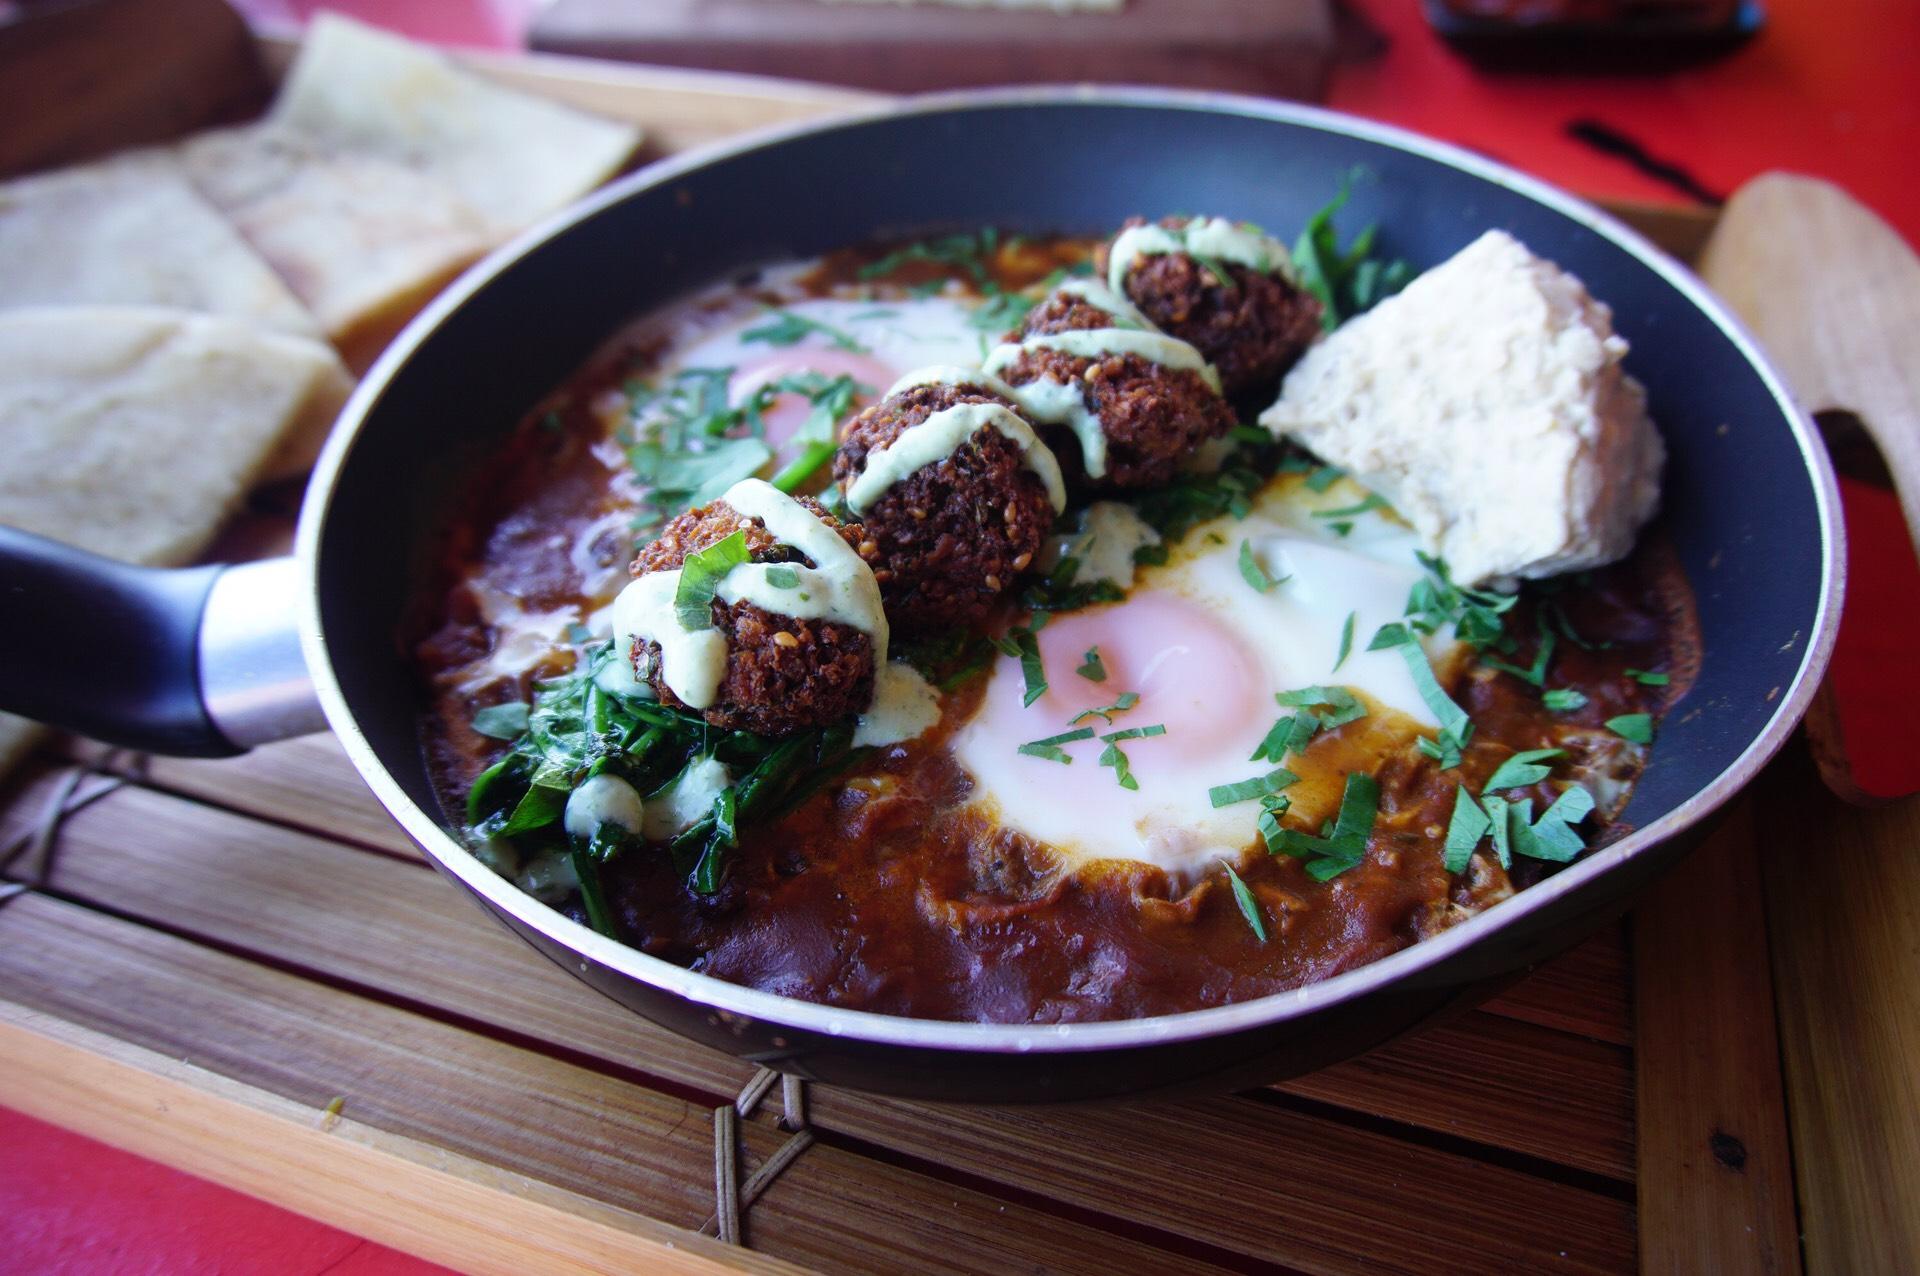 Eydor's Aussraeli Breakfast with Delicious Falafels